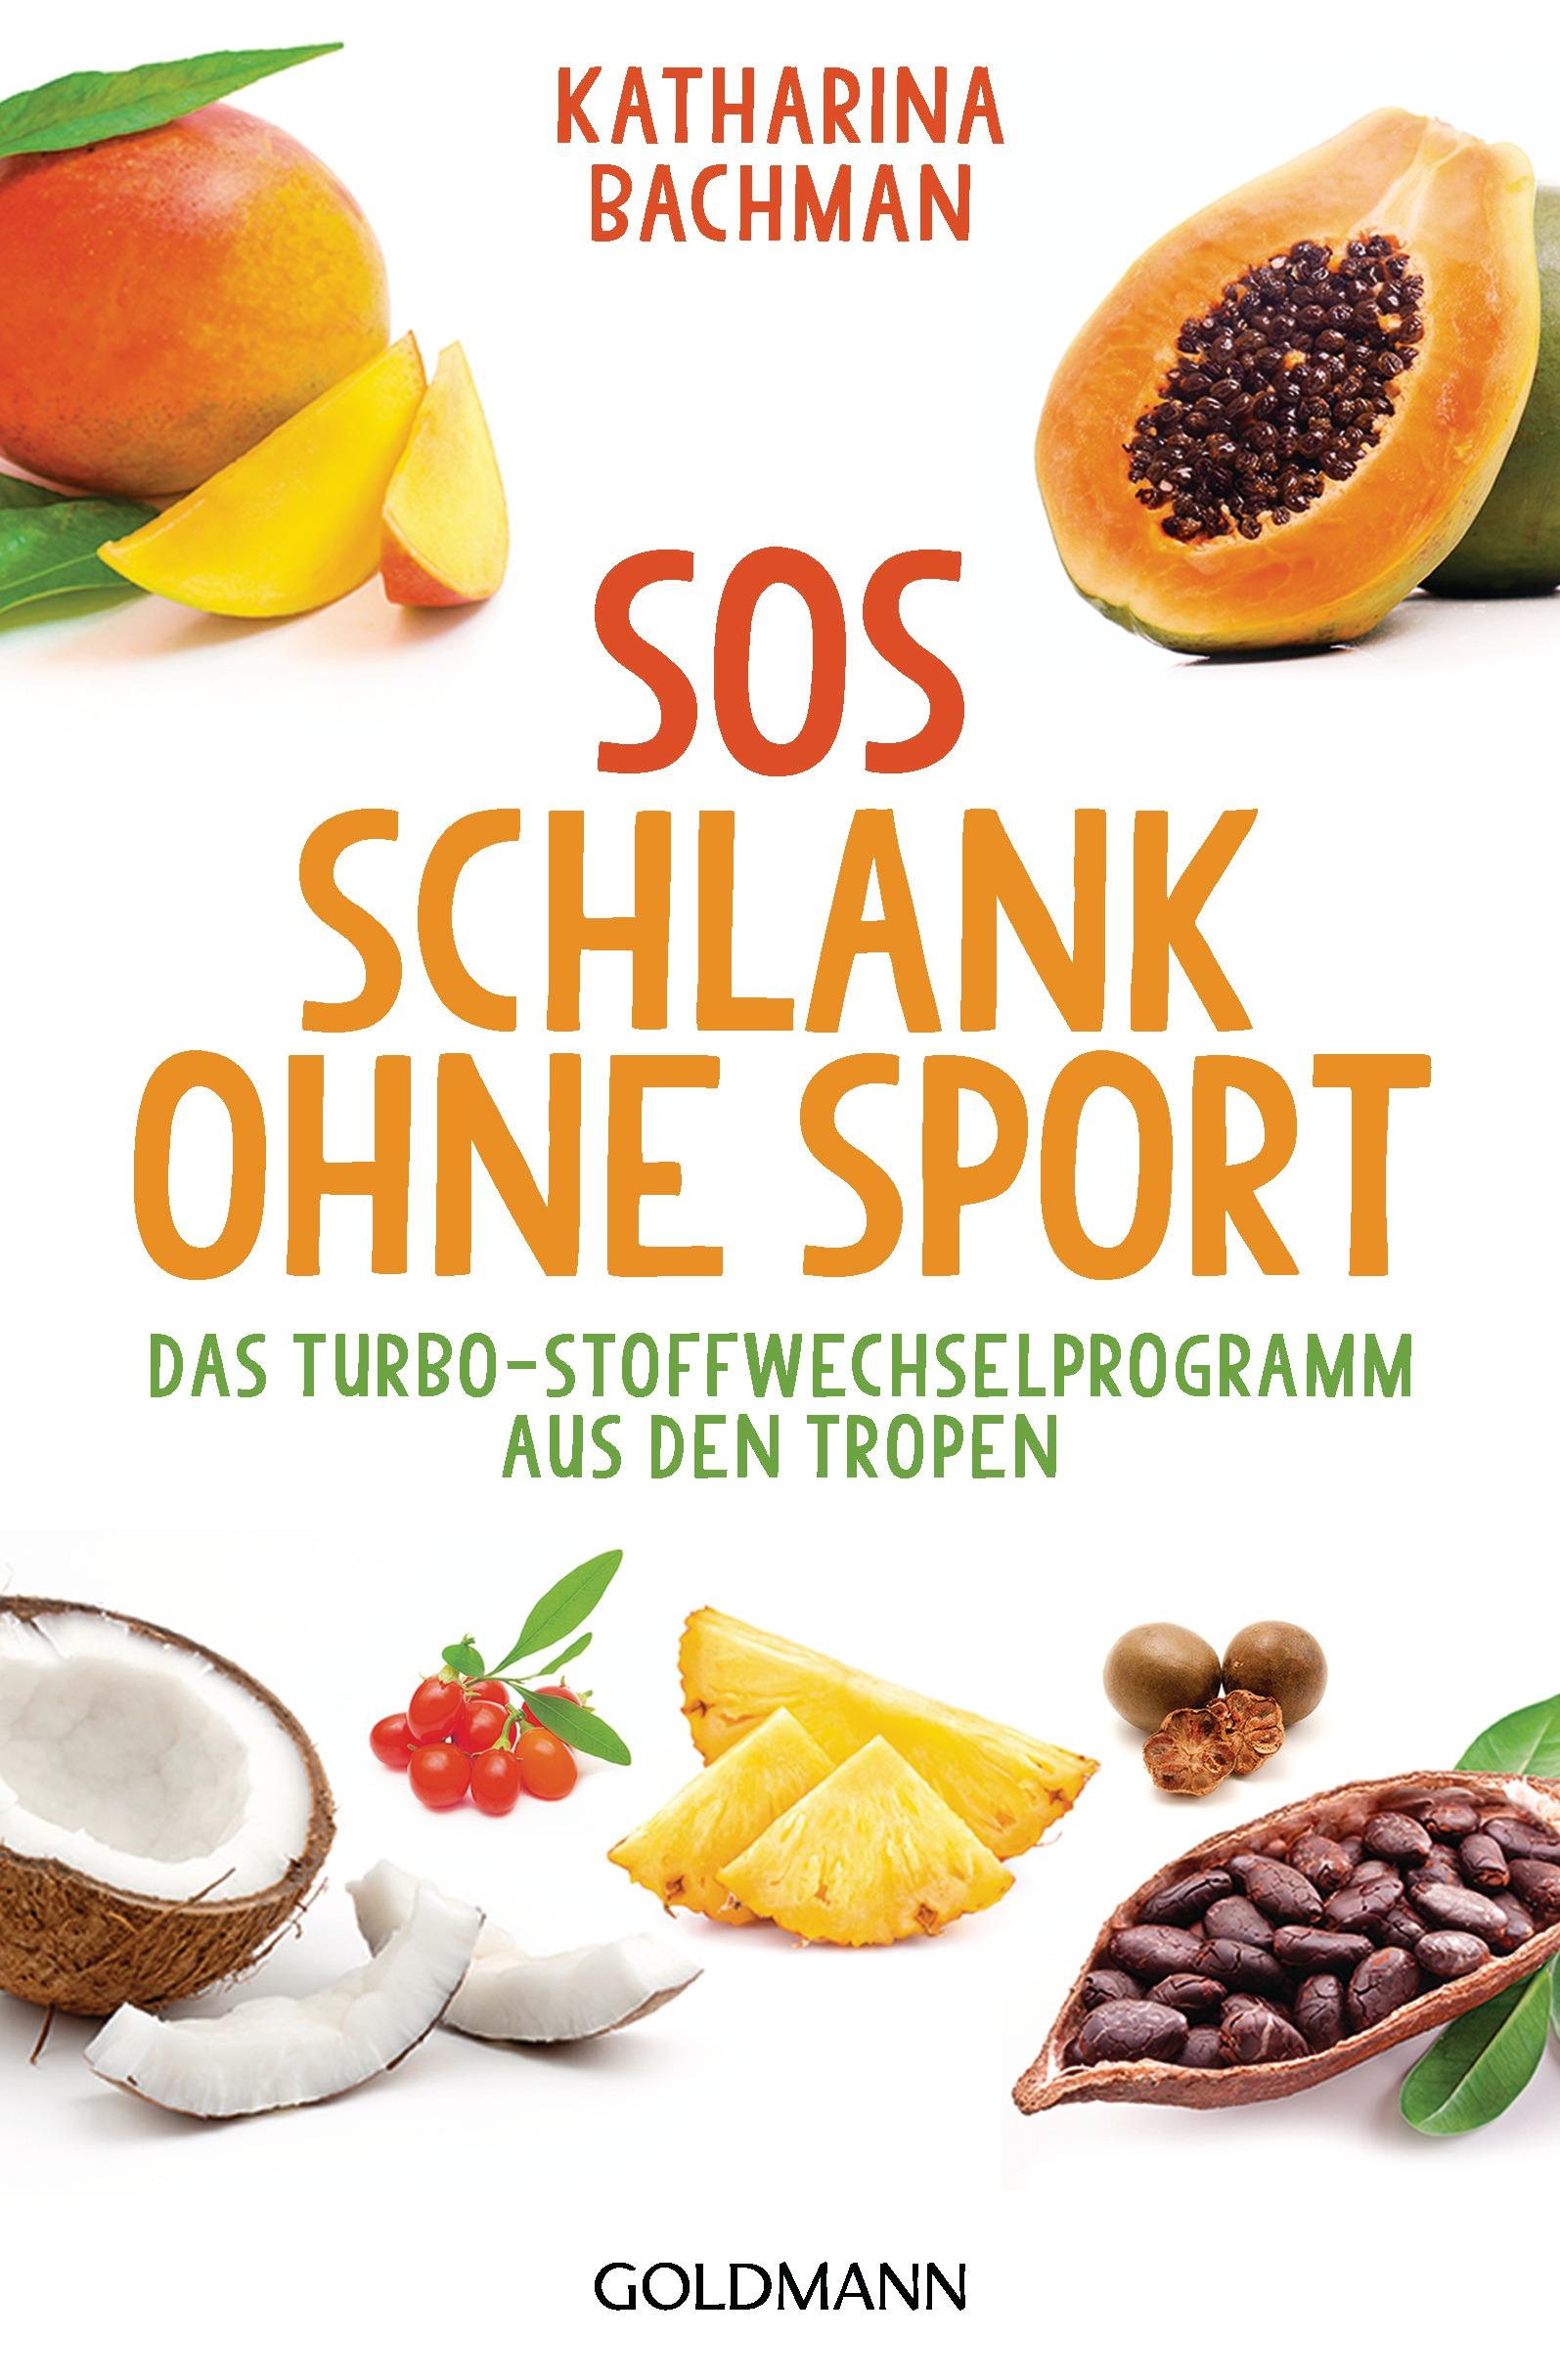 SOS Schlank ohne Sport: Das Turbo-Stoffwechselprogramm aus den Tropen - Katharina Bachman